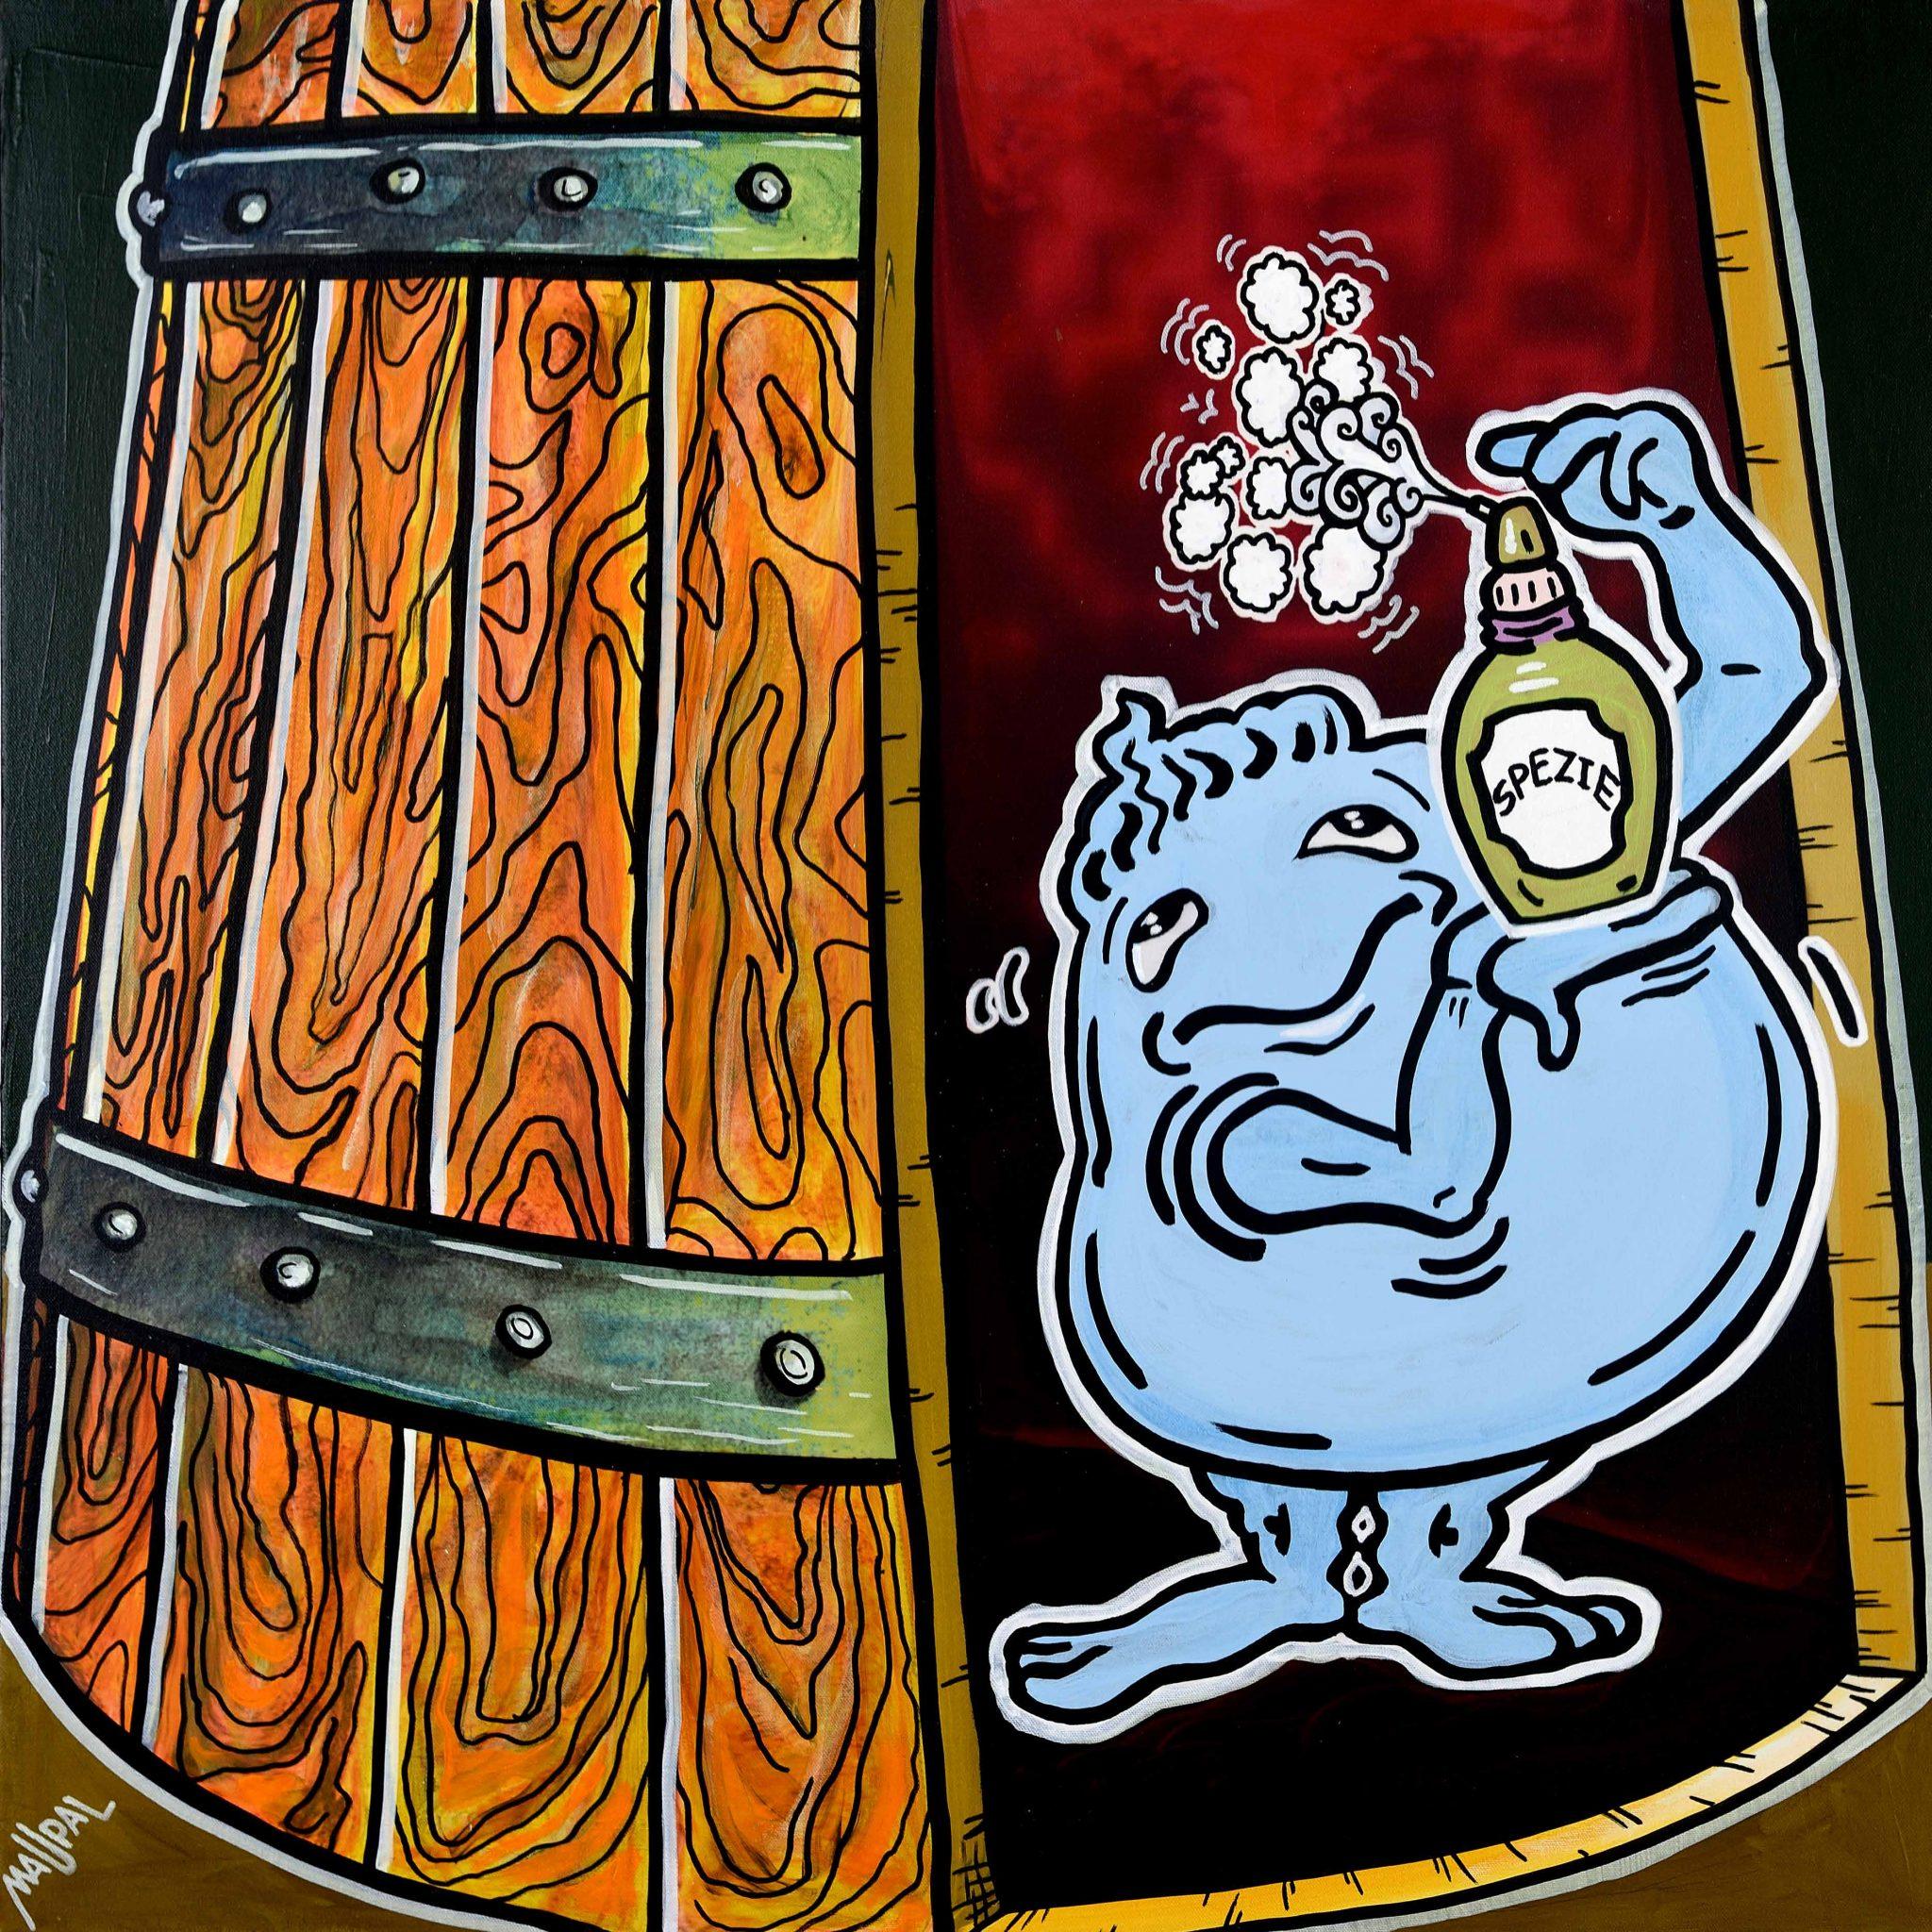 Le stagioni del vino nella street pop art di Maupal